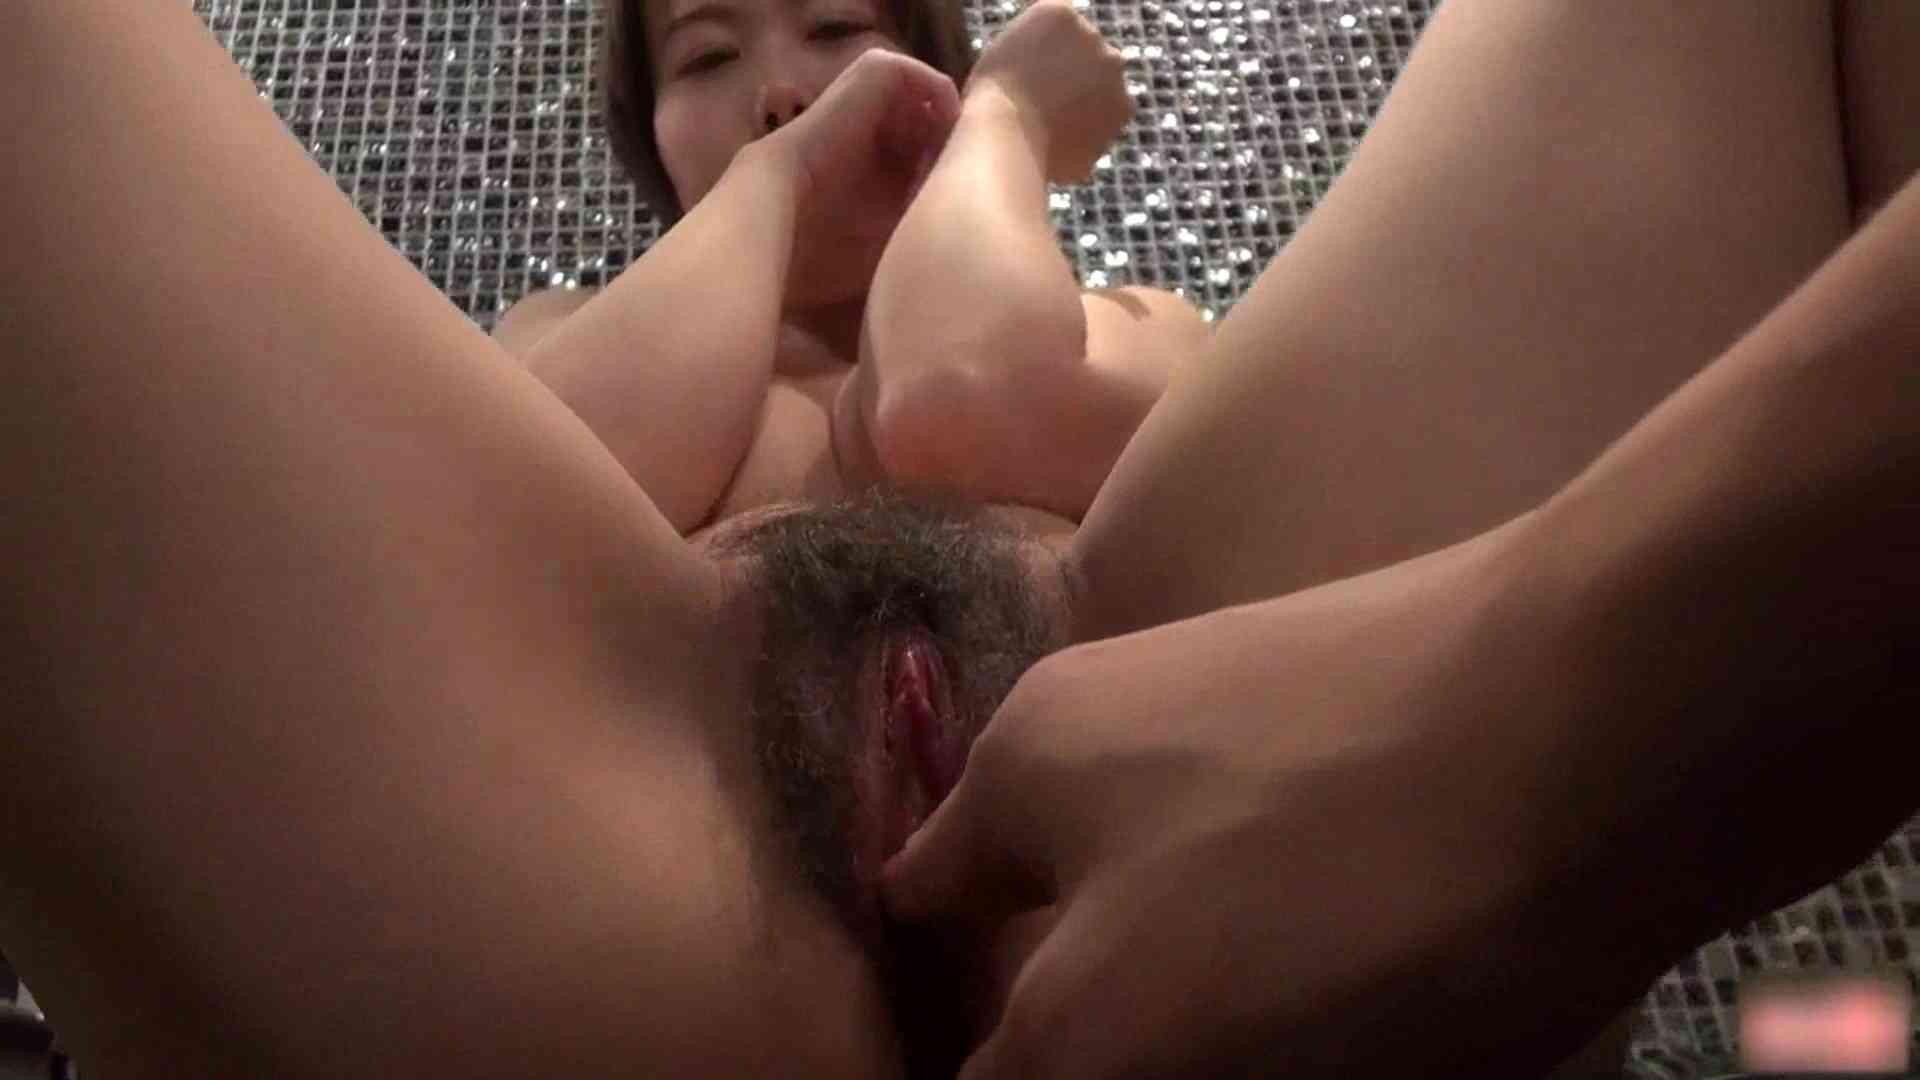 おしえてギャル子のH塾 Vol.28 前編 ギャルのエロ動画 スケベ動画紹介 99pic 58